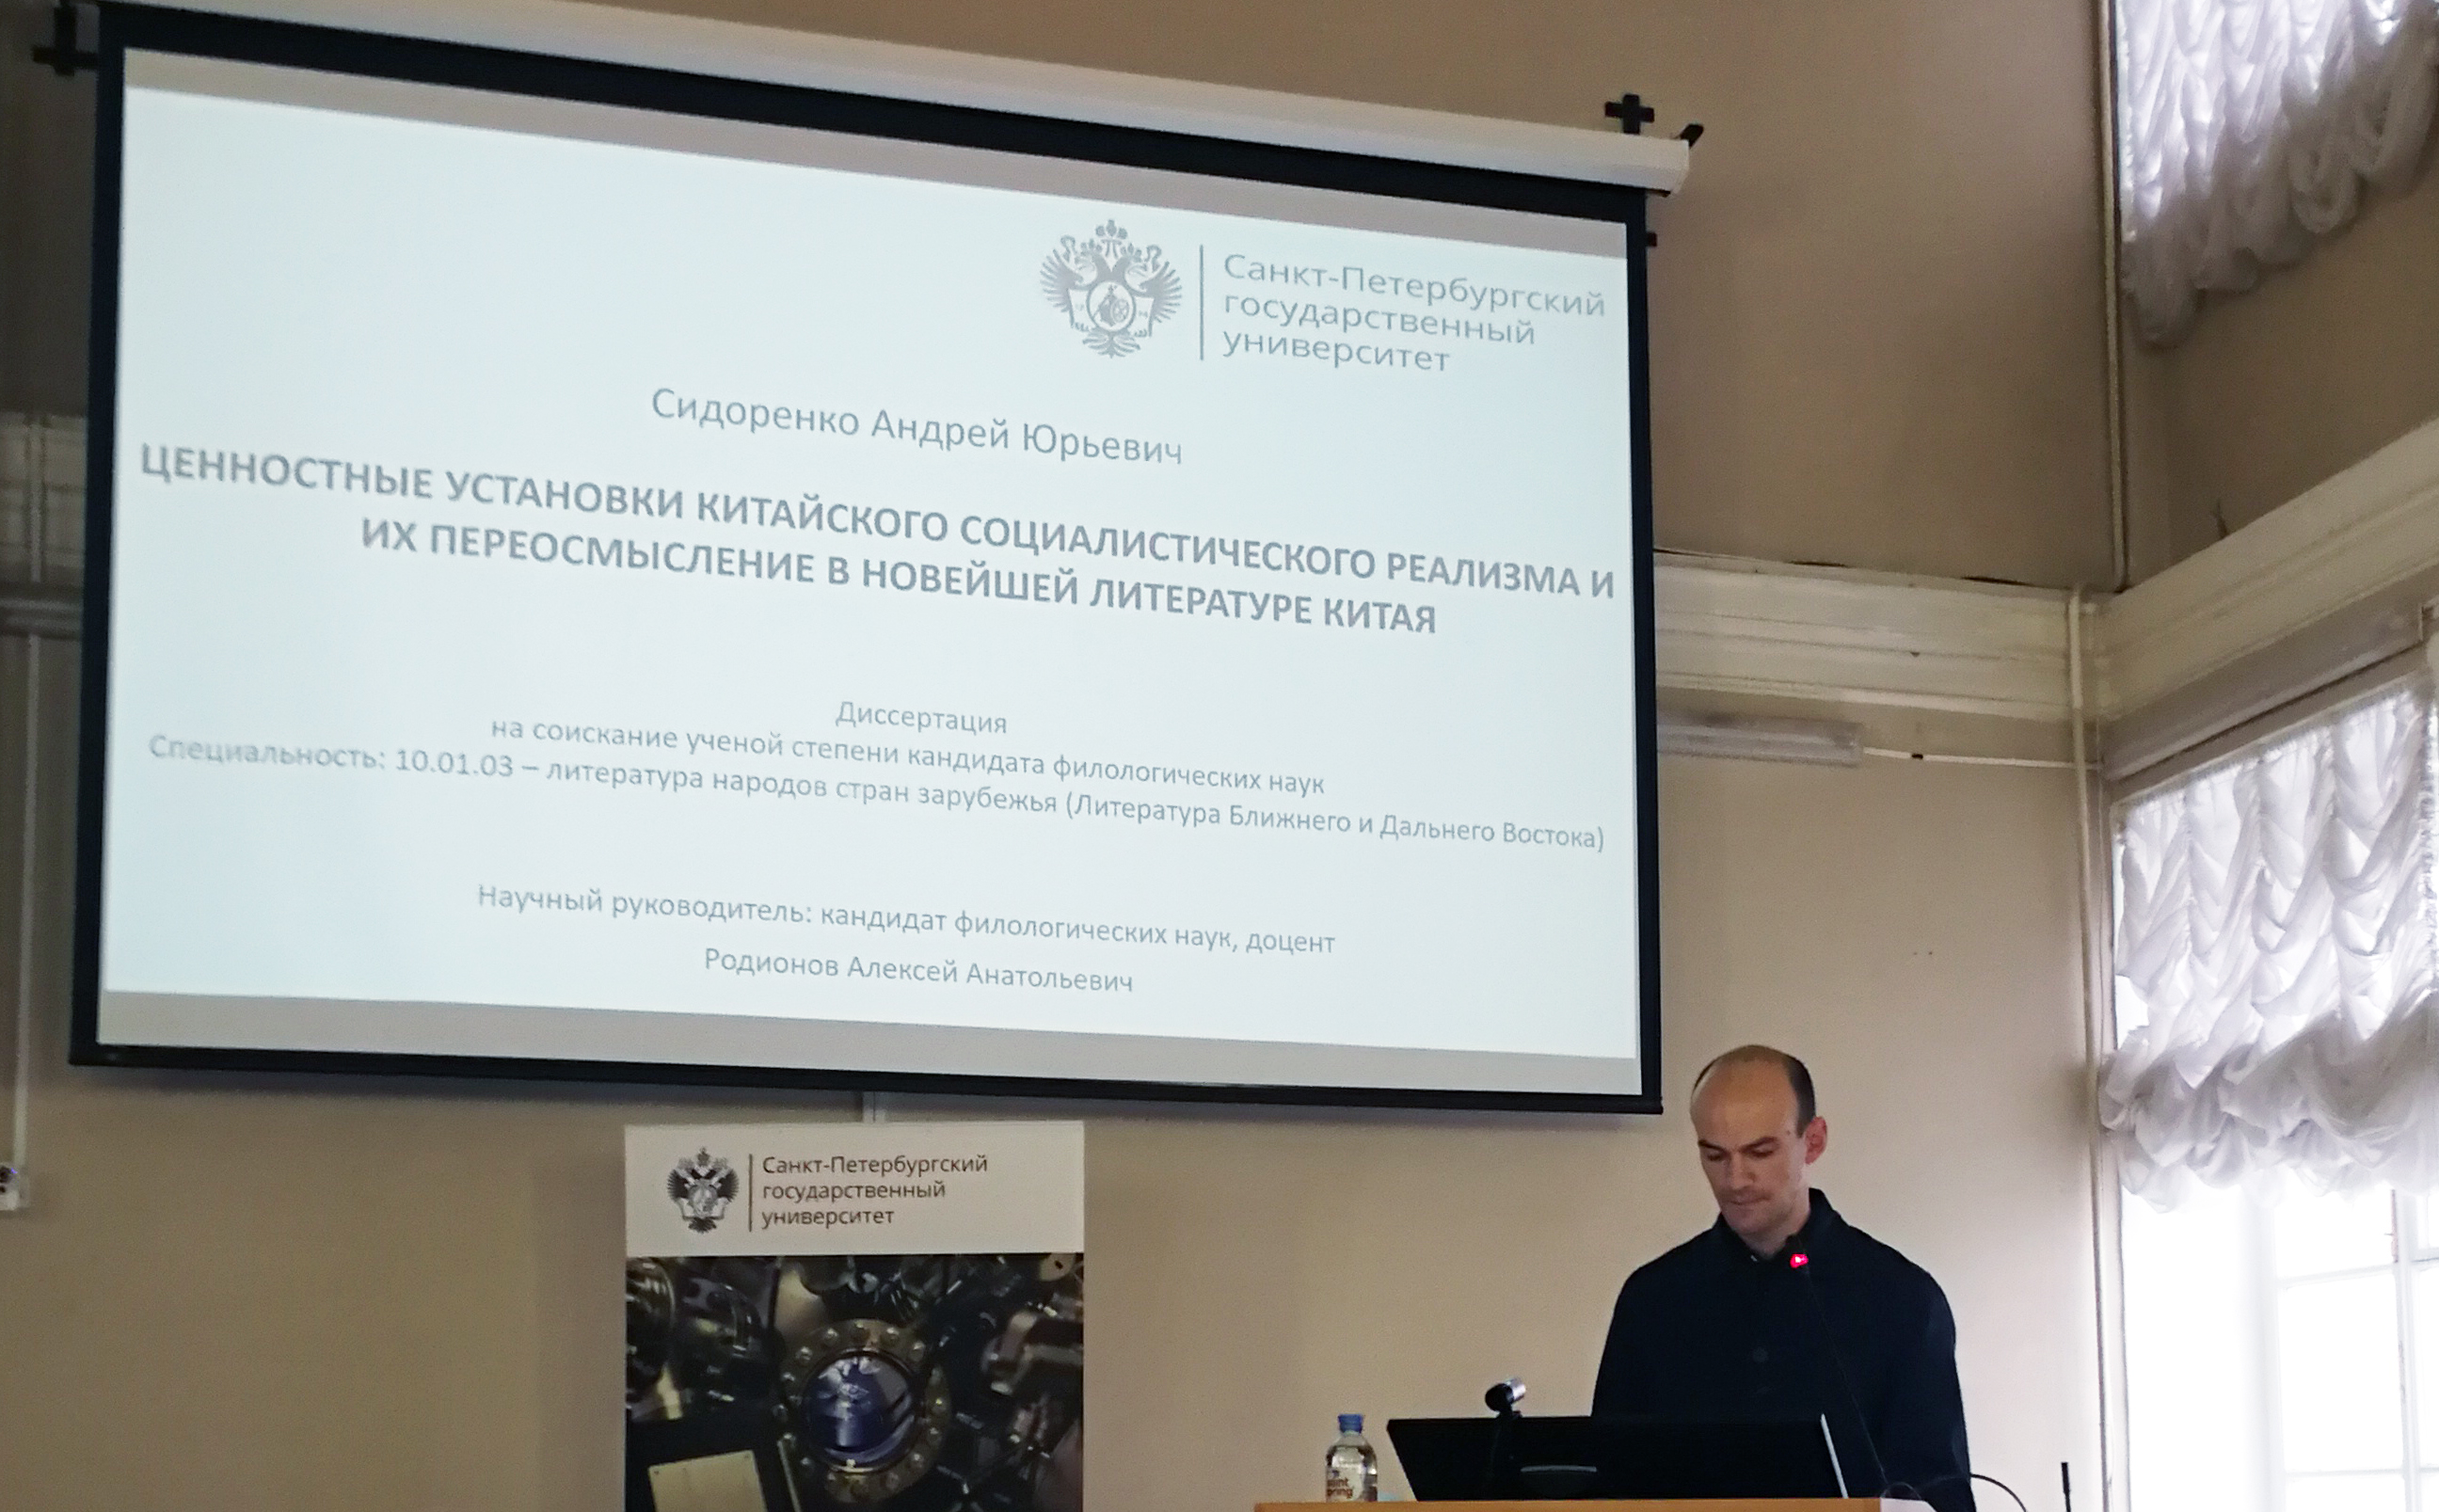 Состоялась защита диссертации Андрея Сидоренко